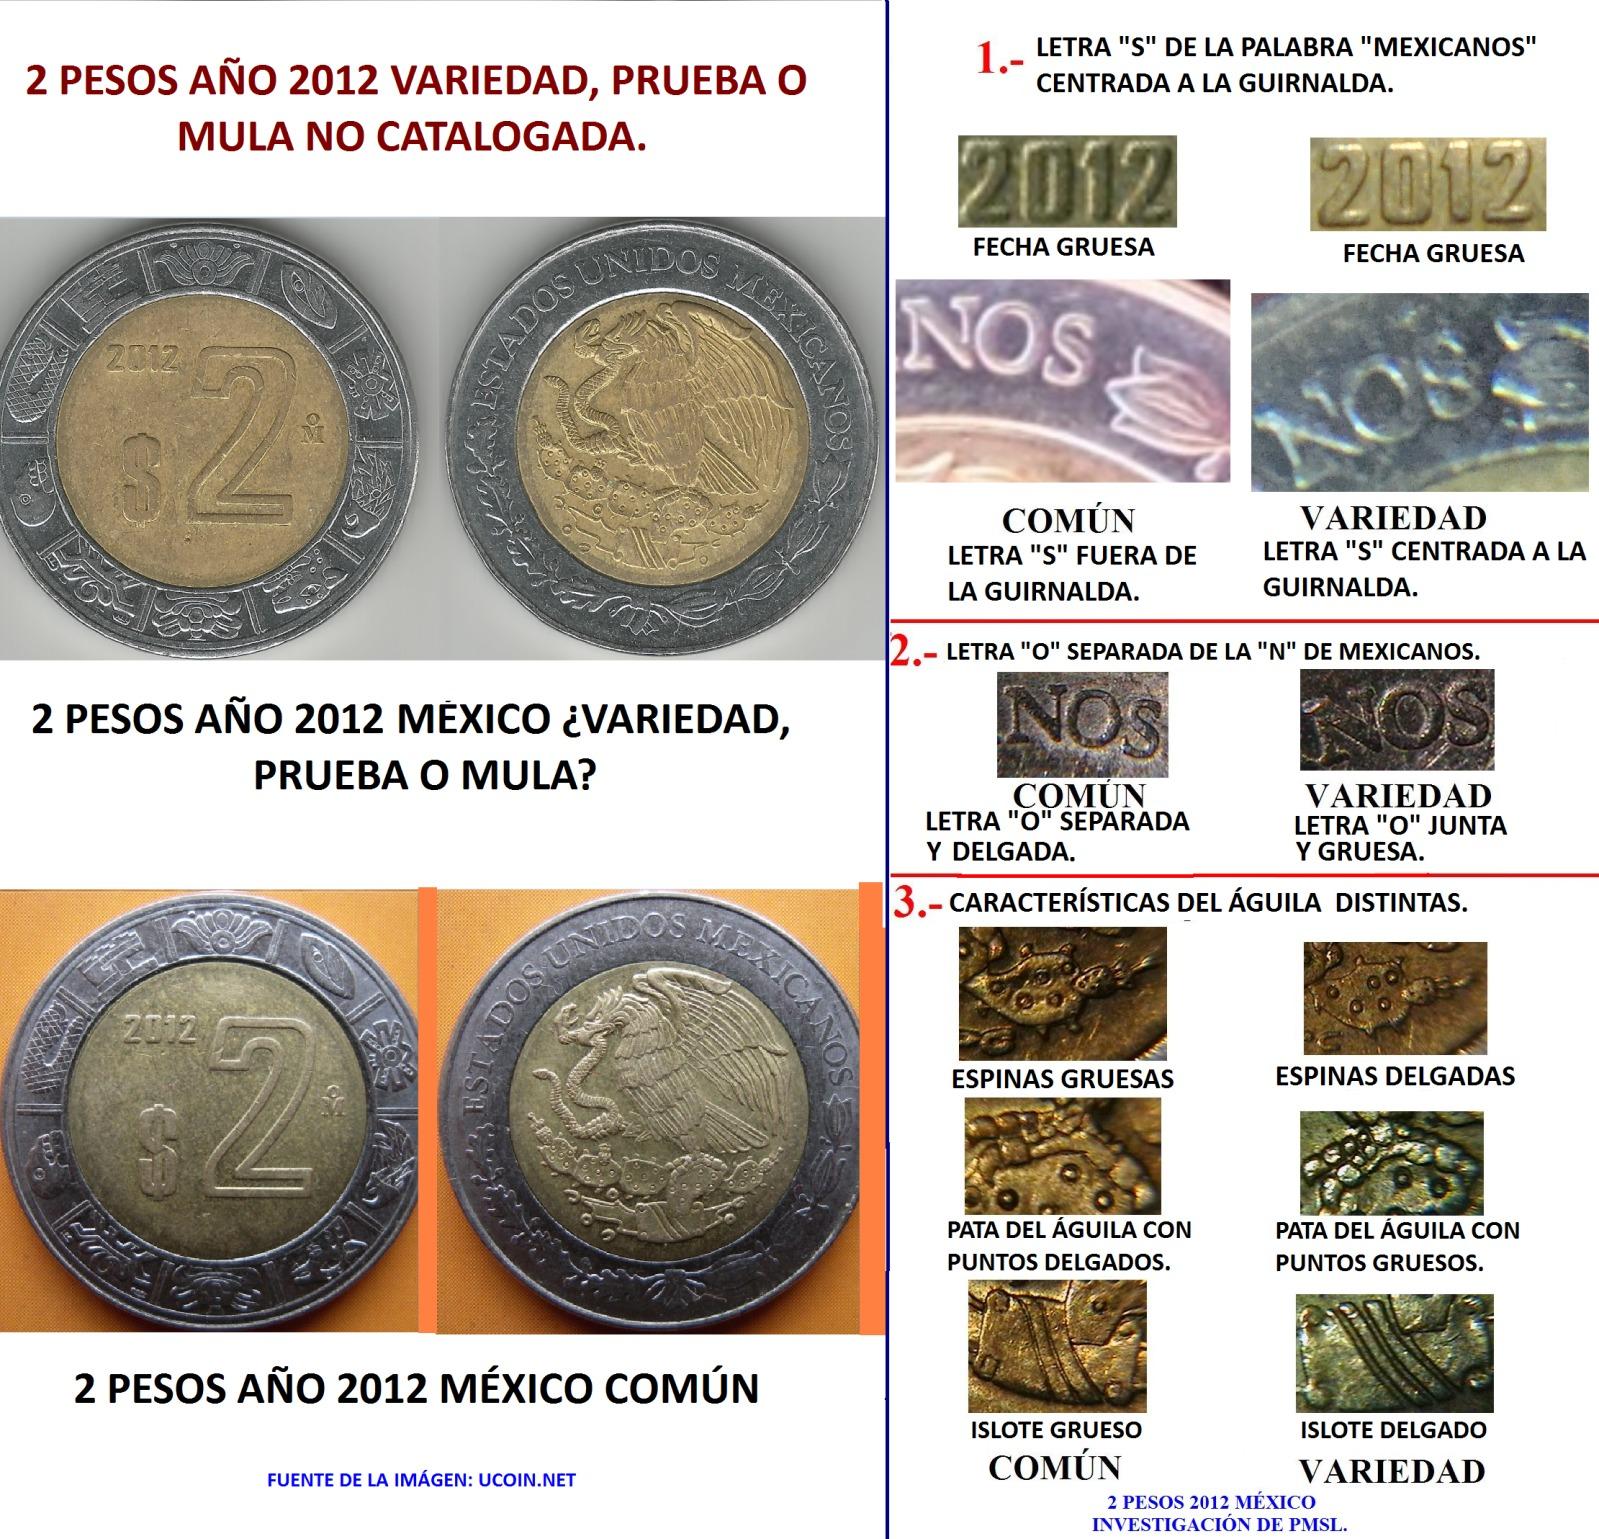 Pesos Mexicanos Actuales: últimos descubrimientos más raros. 20poh1k